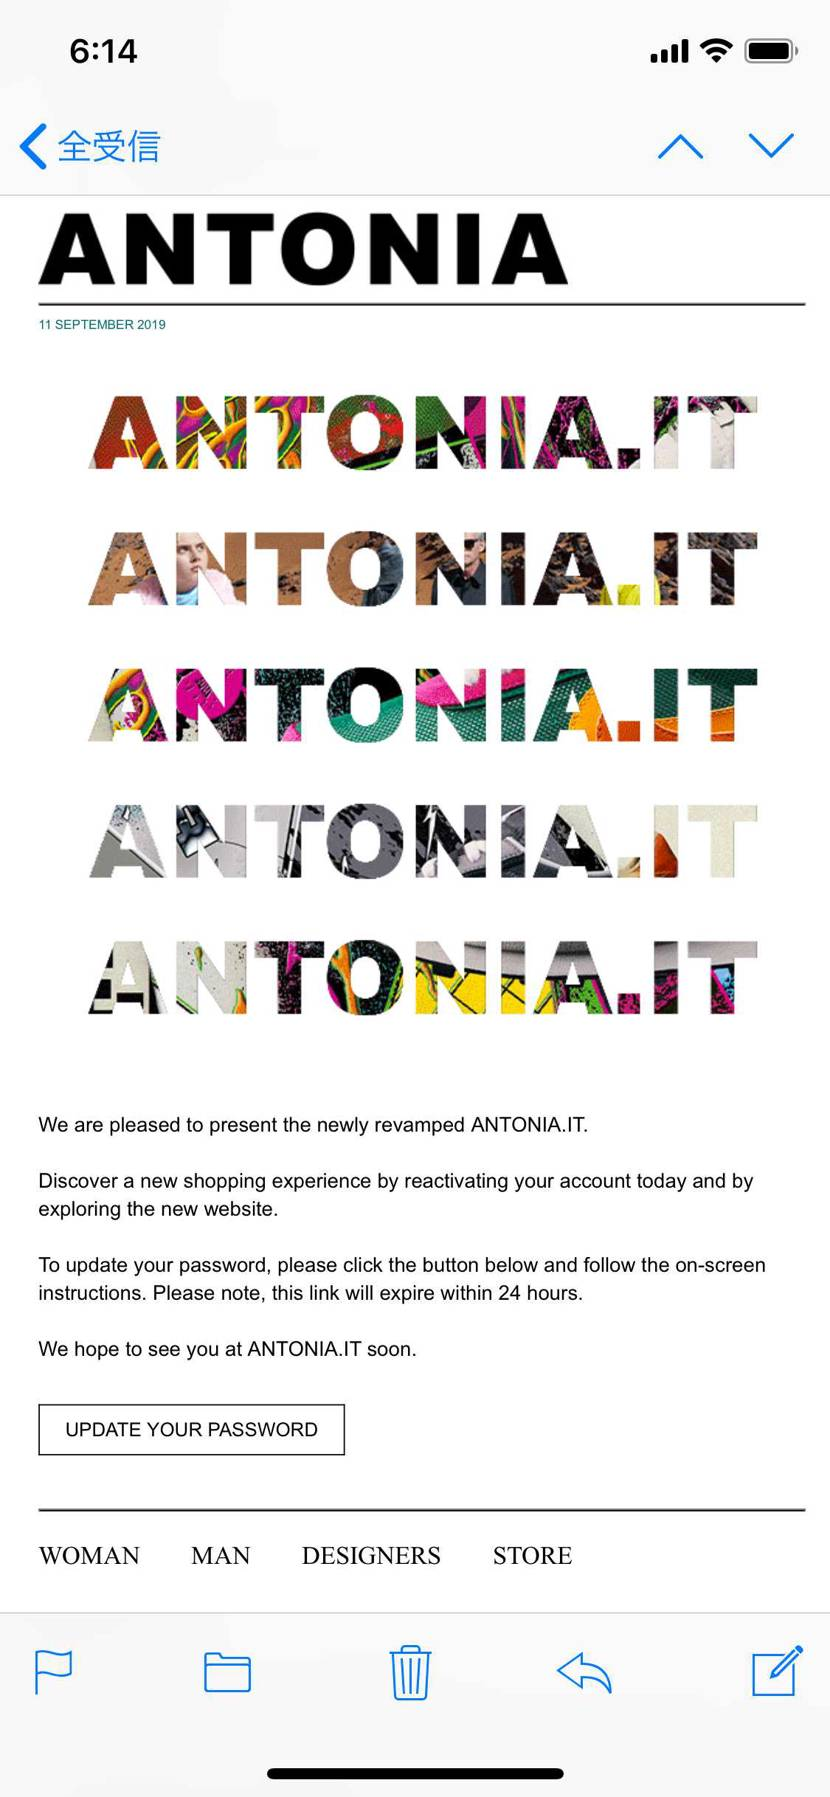 ANTONIAからこのメール受け取って、sacaiがチラついてるのでちょっと期待